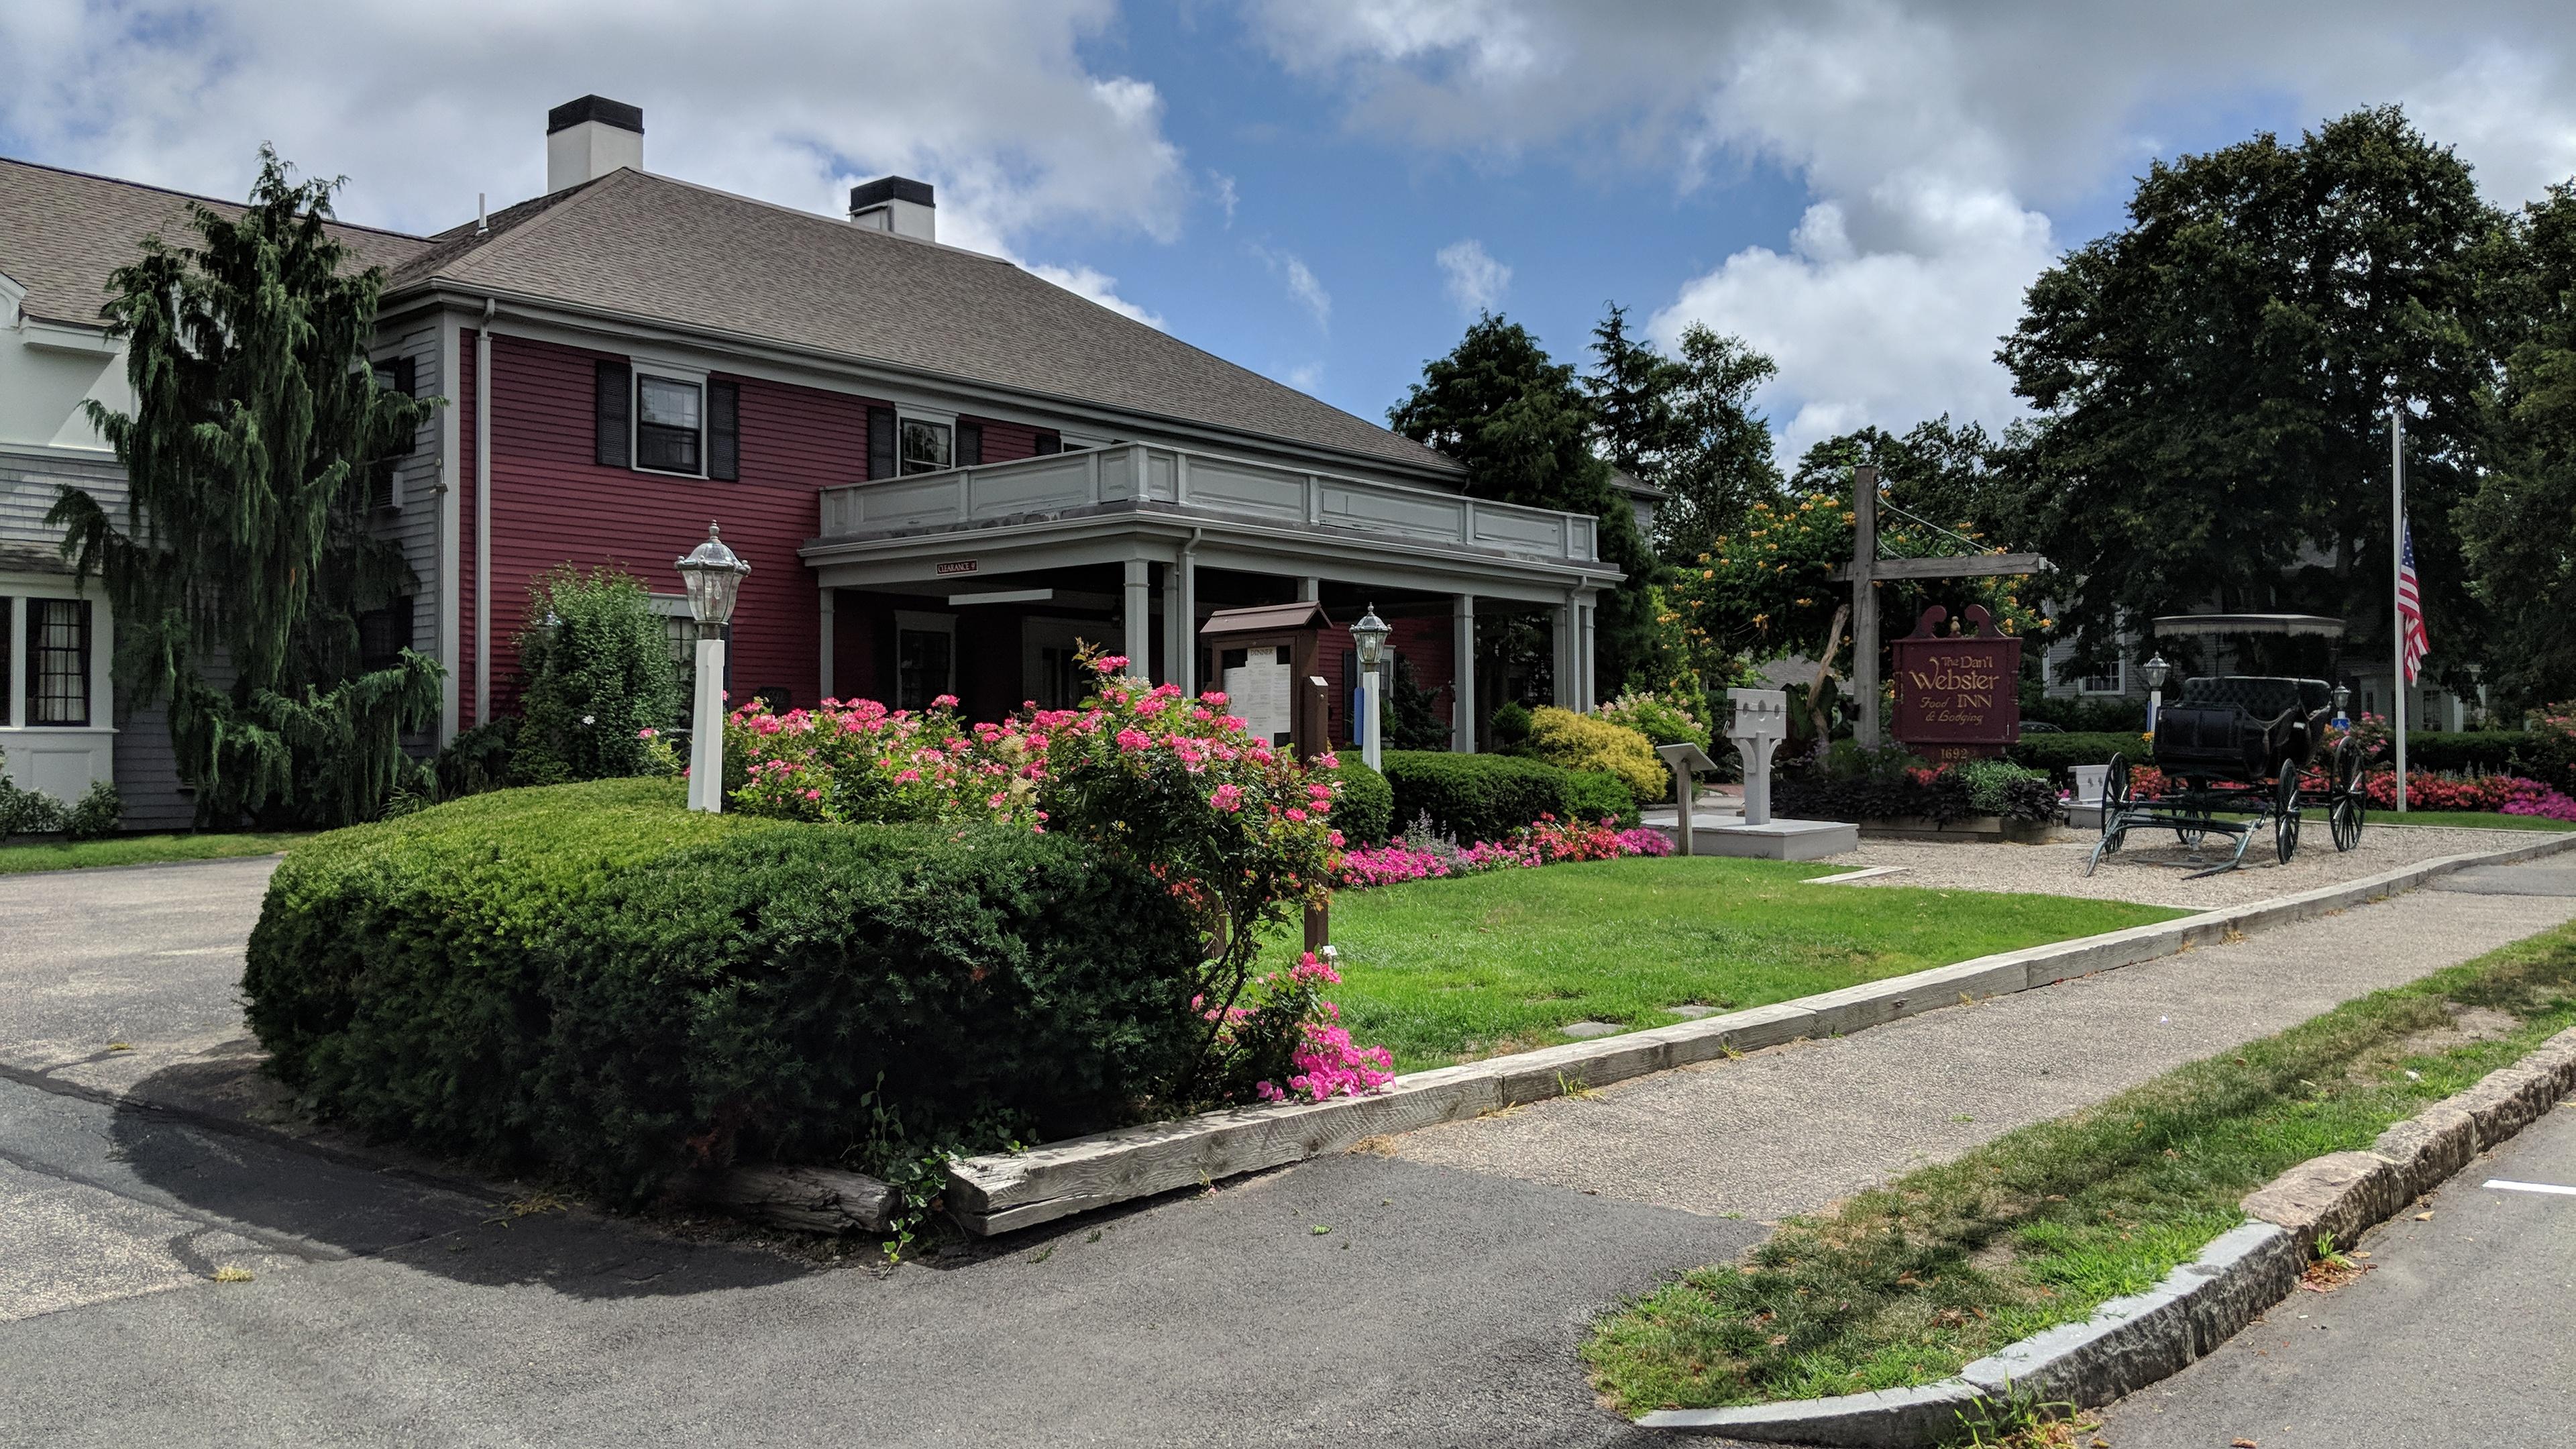 Review: Daniel Webster Inn – Sandwich, MA